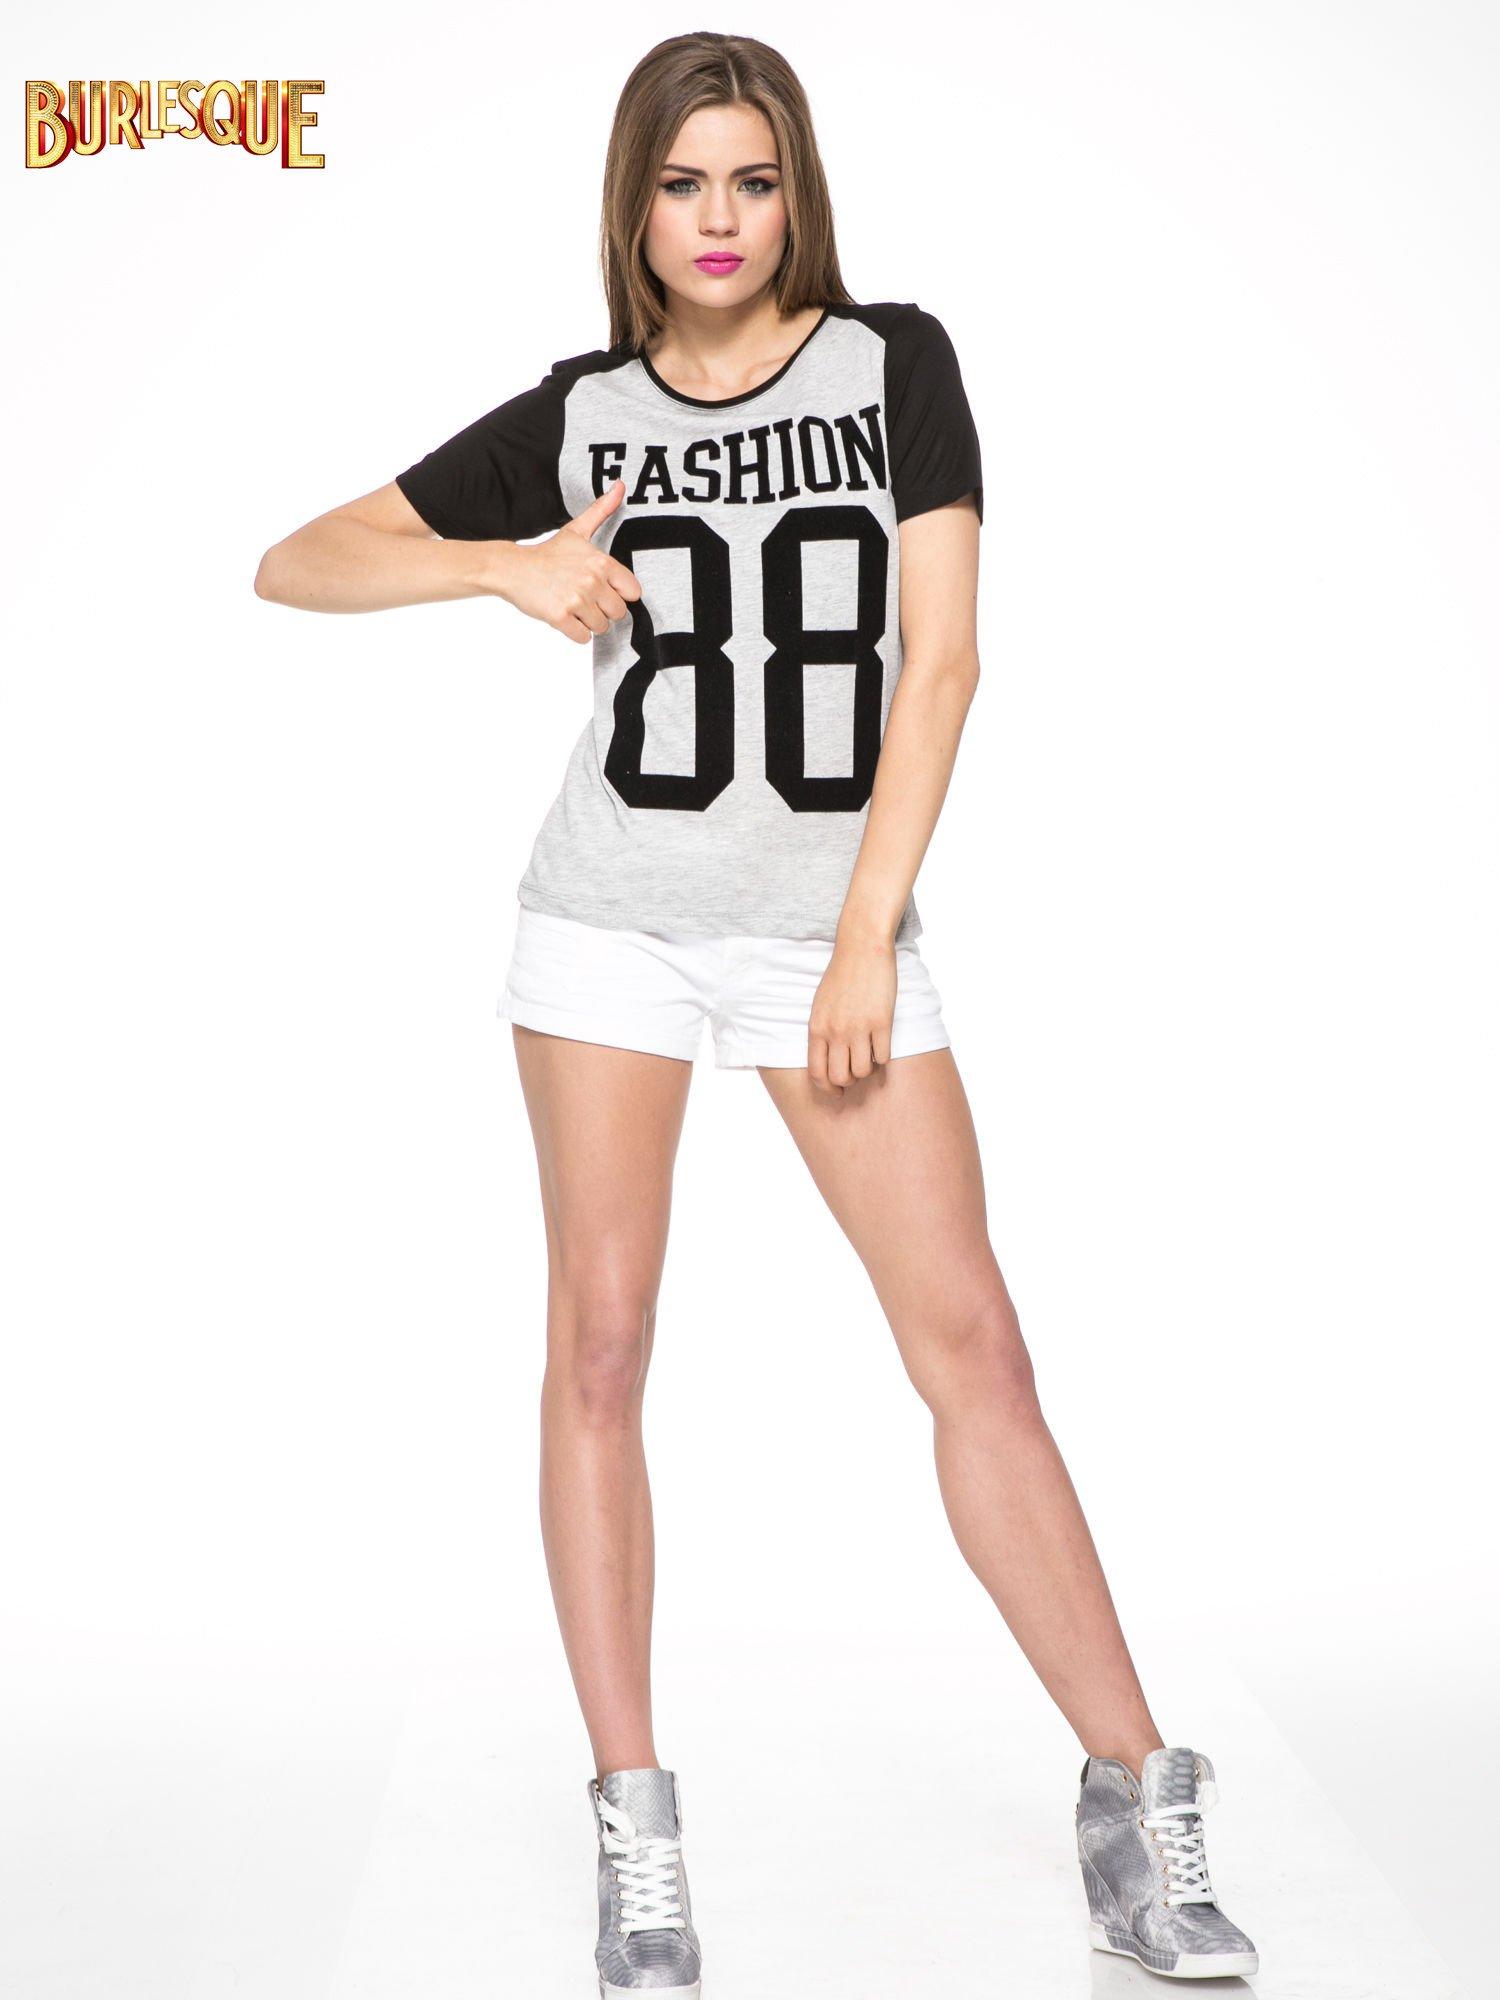 Szaro-czarny t-shirt z nadrukiem FASHION 88                                  zdj.                                  2